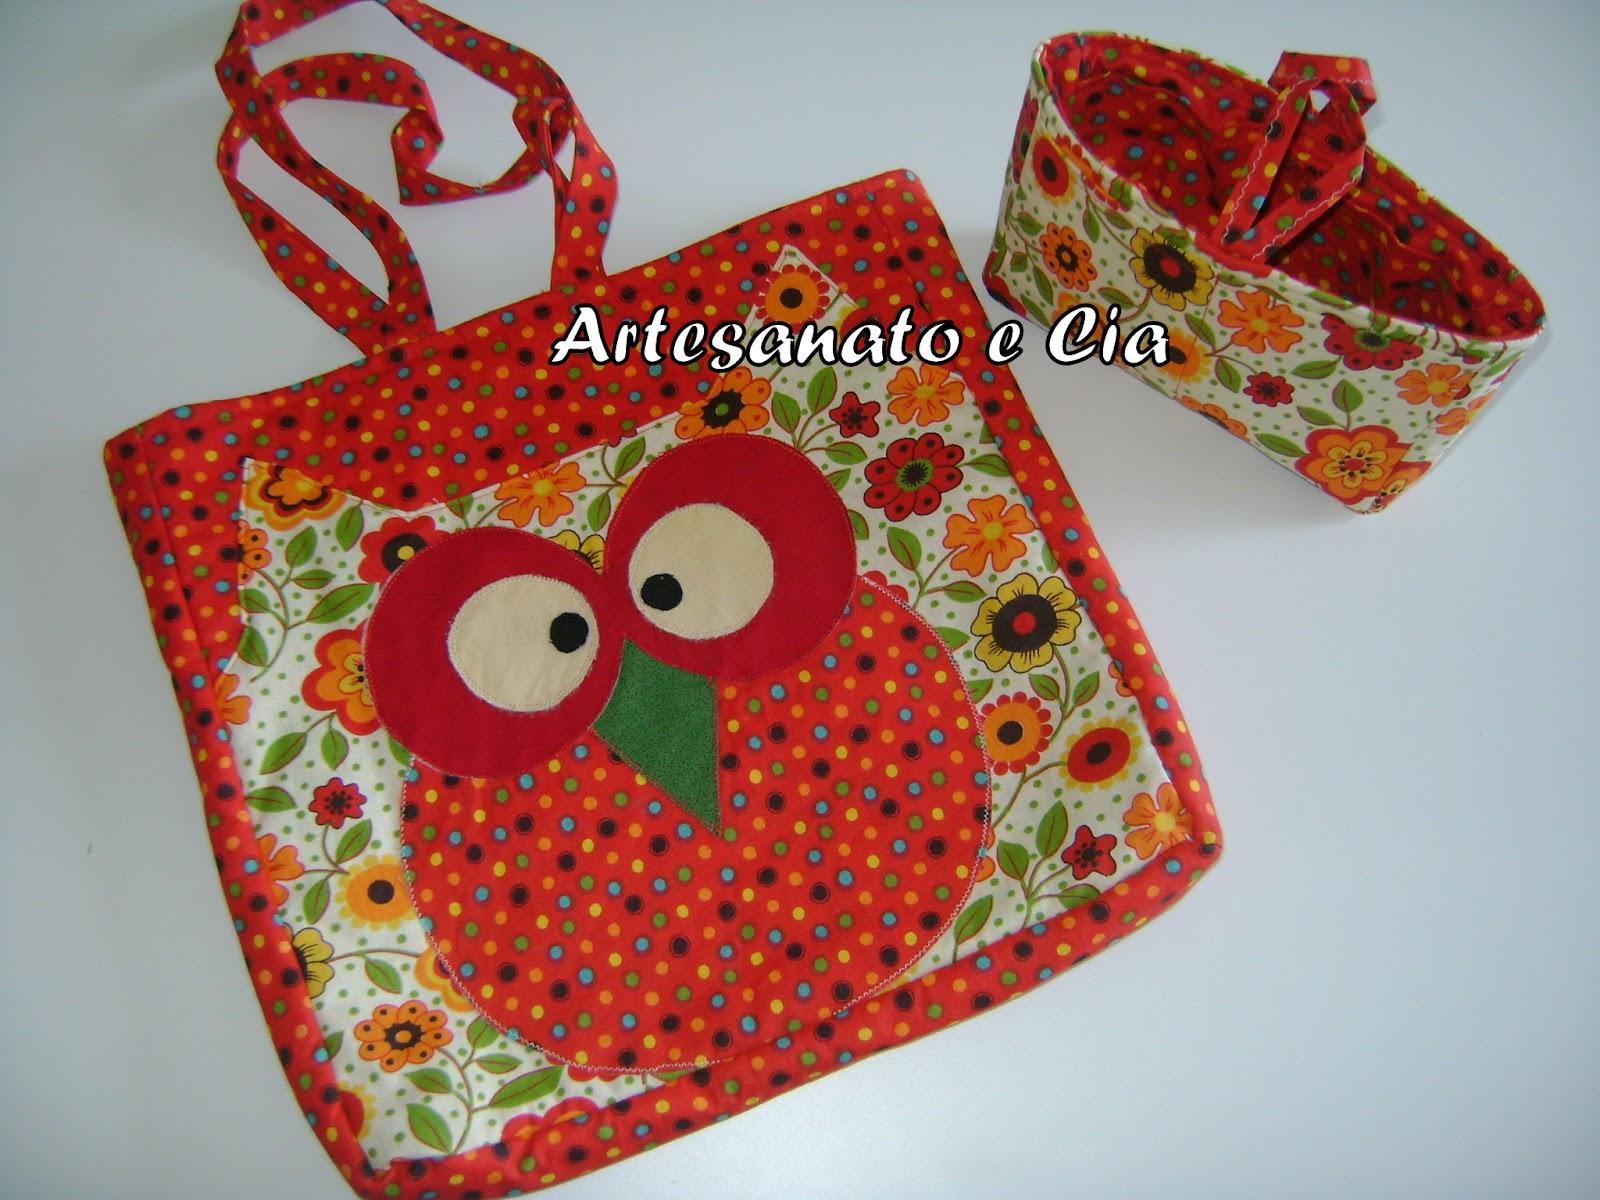 Artesanato e Cia : Alguns dos meus trabalhos e kits de tecidos #AE271D 1600x1200